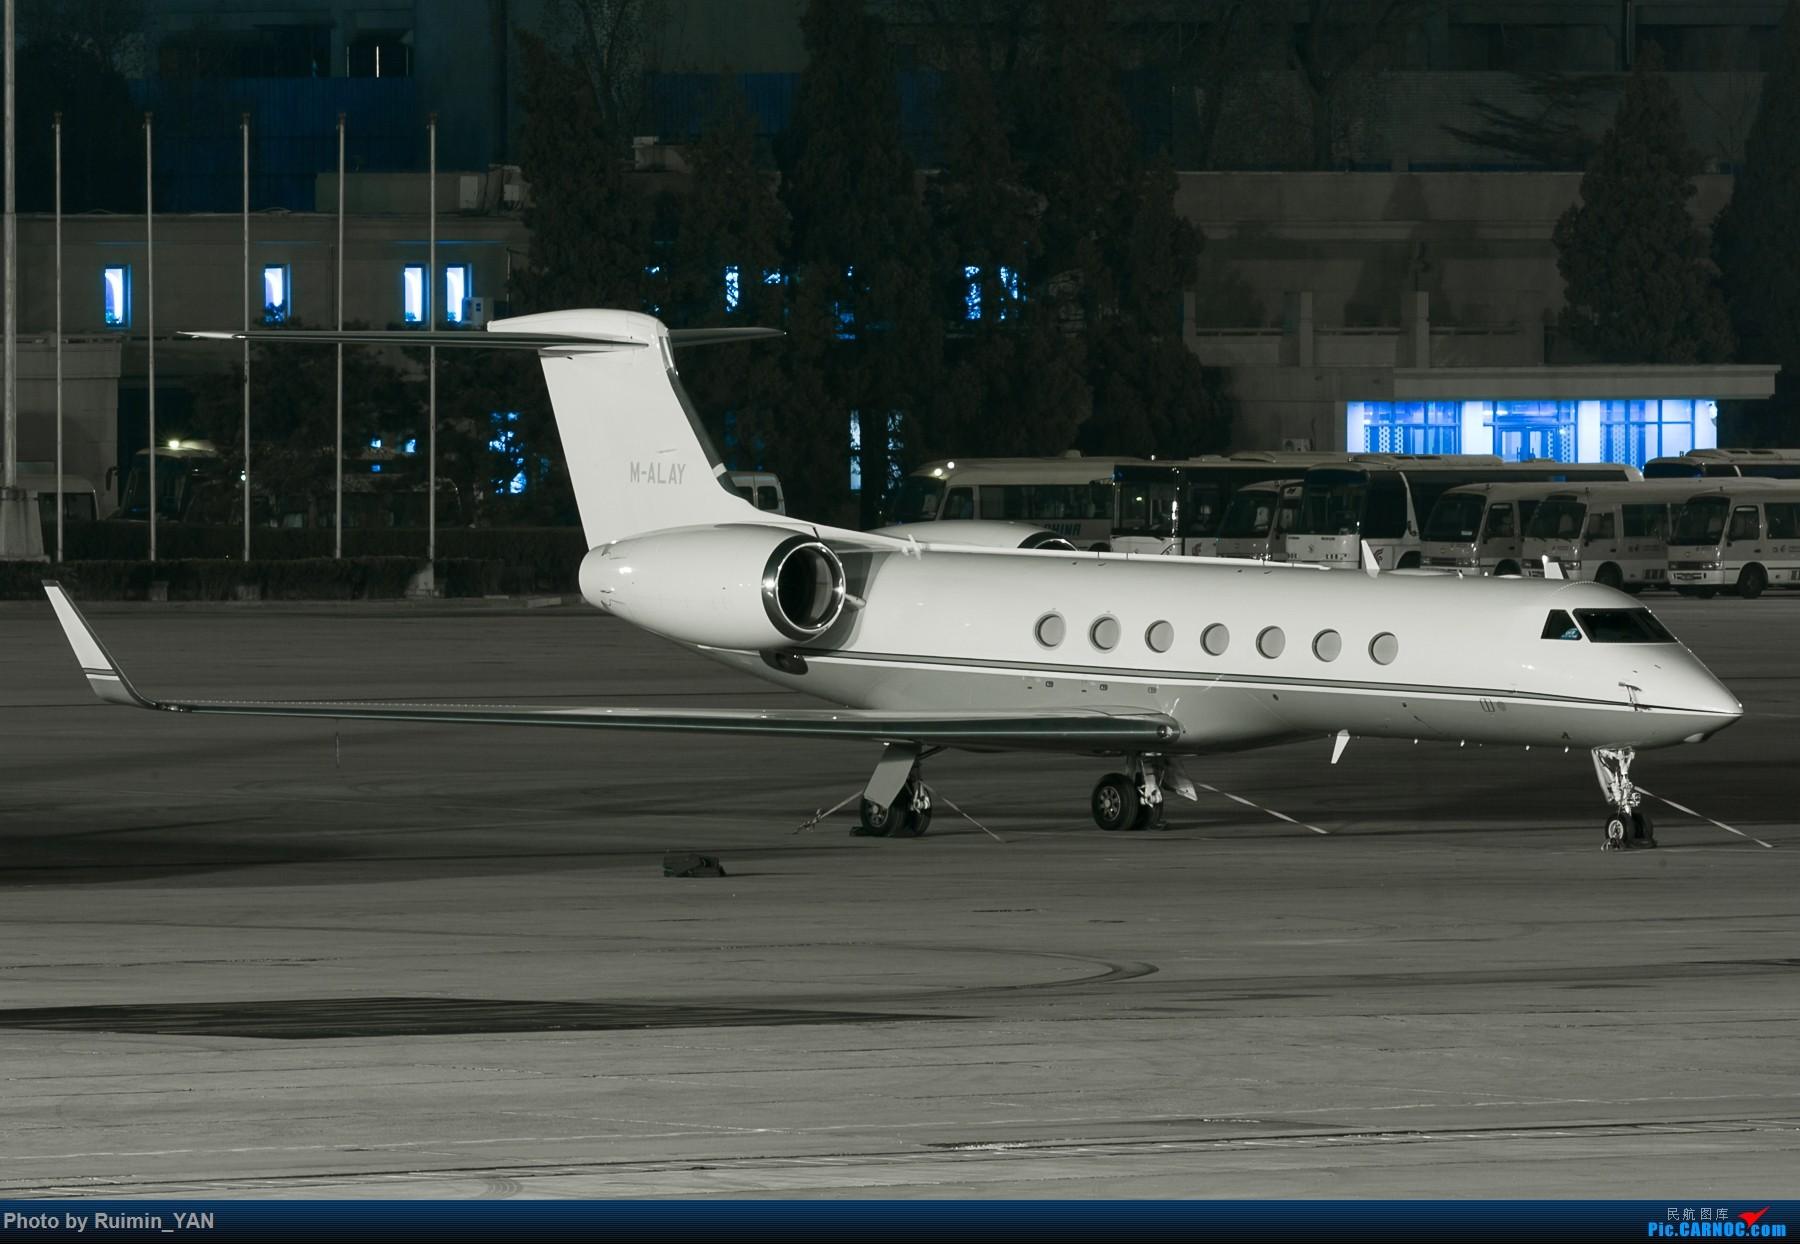 [原创]【PEK飞友会】Stonefel Trade & Invest--Gulfstream Aerospace G550 GULFSTREAM G550 M-ALAY 中国北京首都国际机场